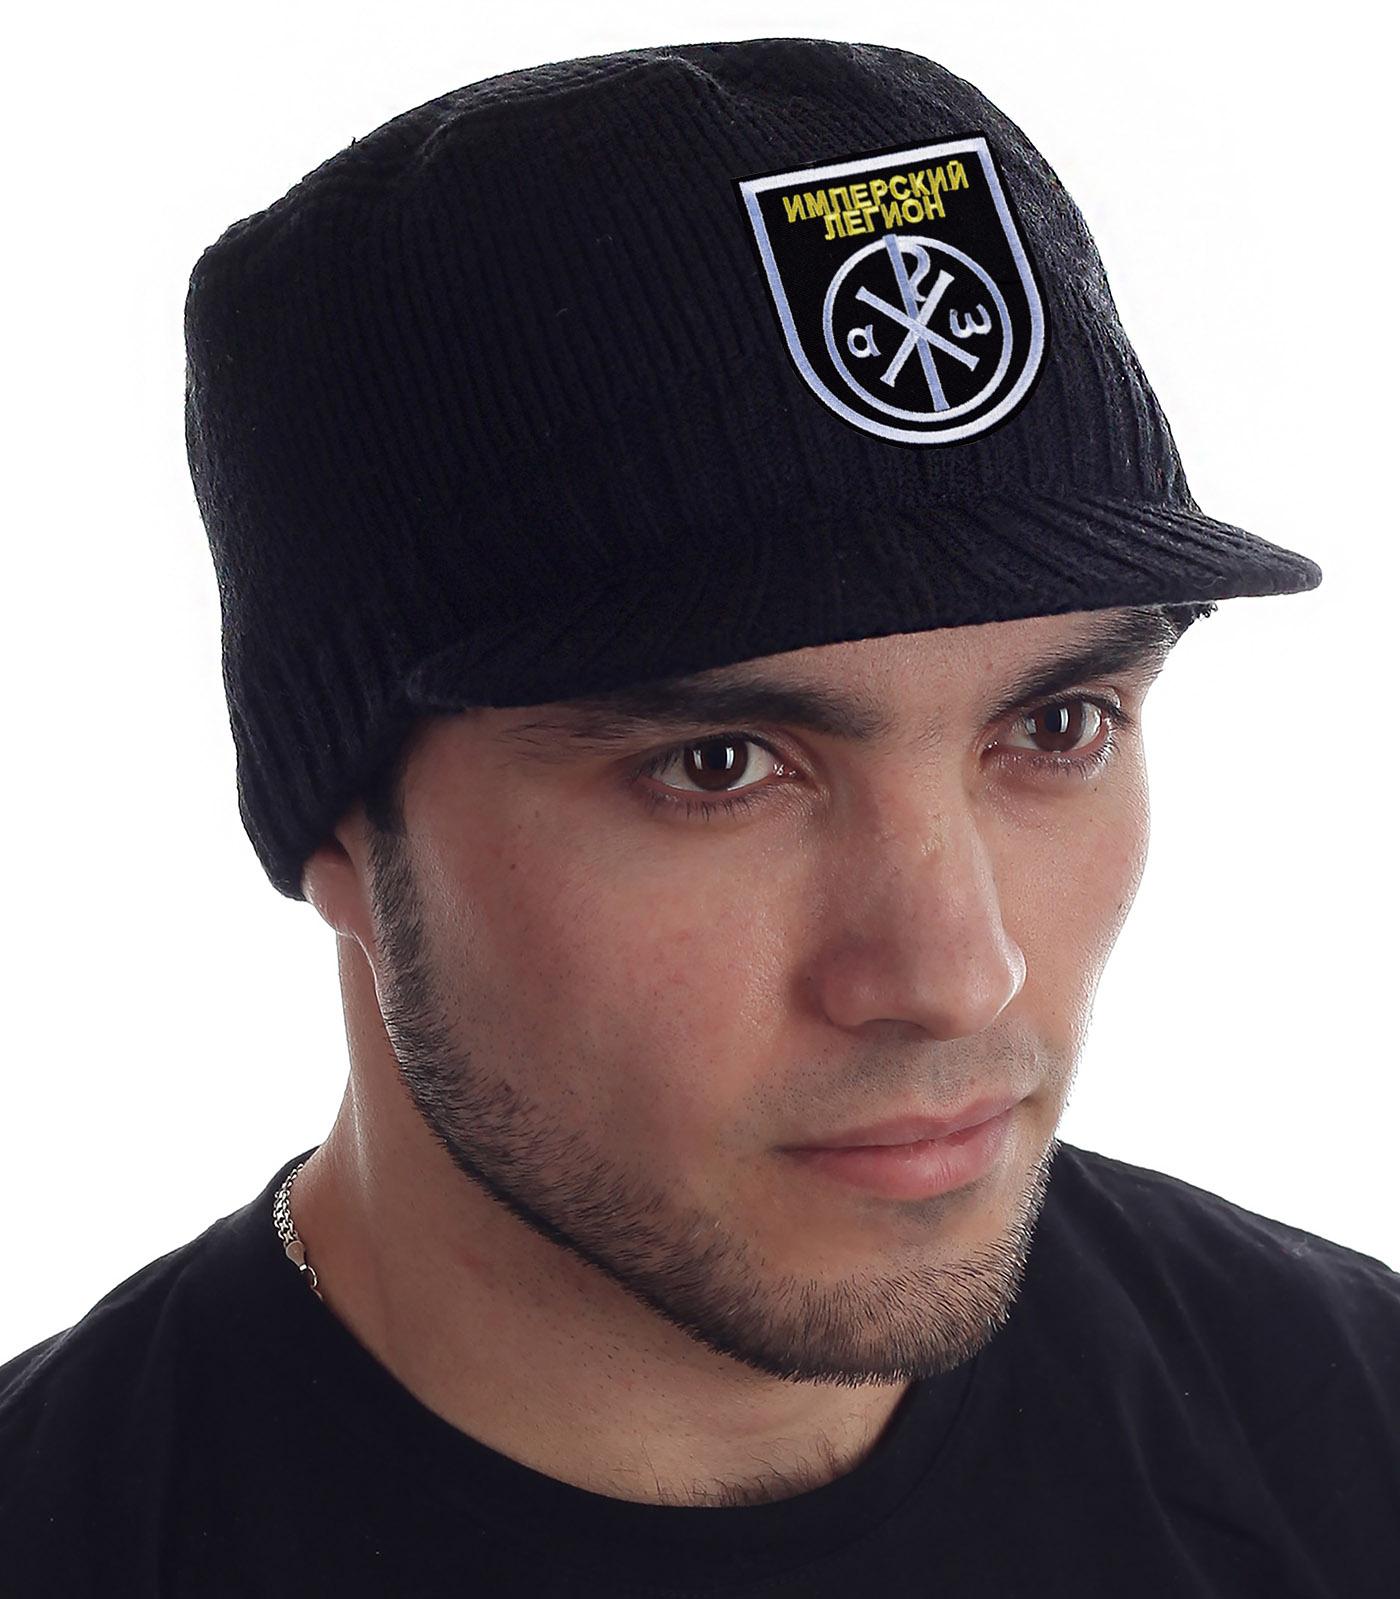 Купить крутую теплую шапку с козырьком Miller Way с доставкой онлайн